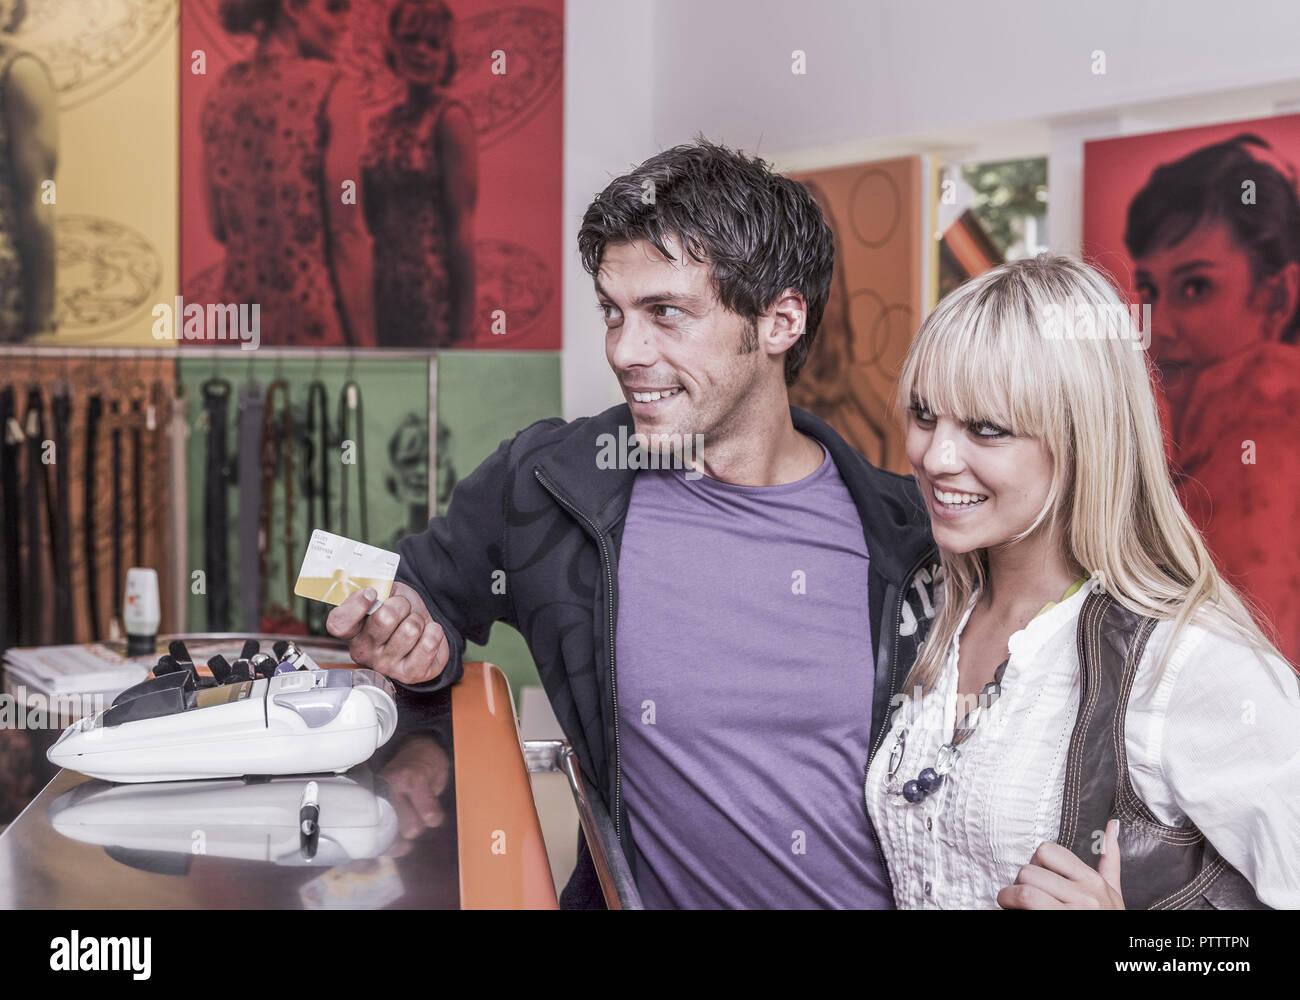 Paar in Boutique an Kasse, zahlen mit Karte (model-released) - Stock Image